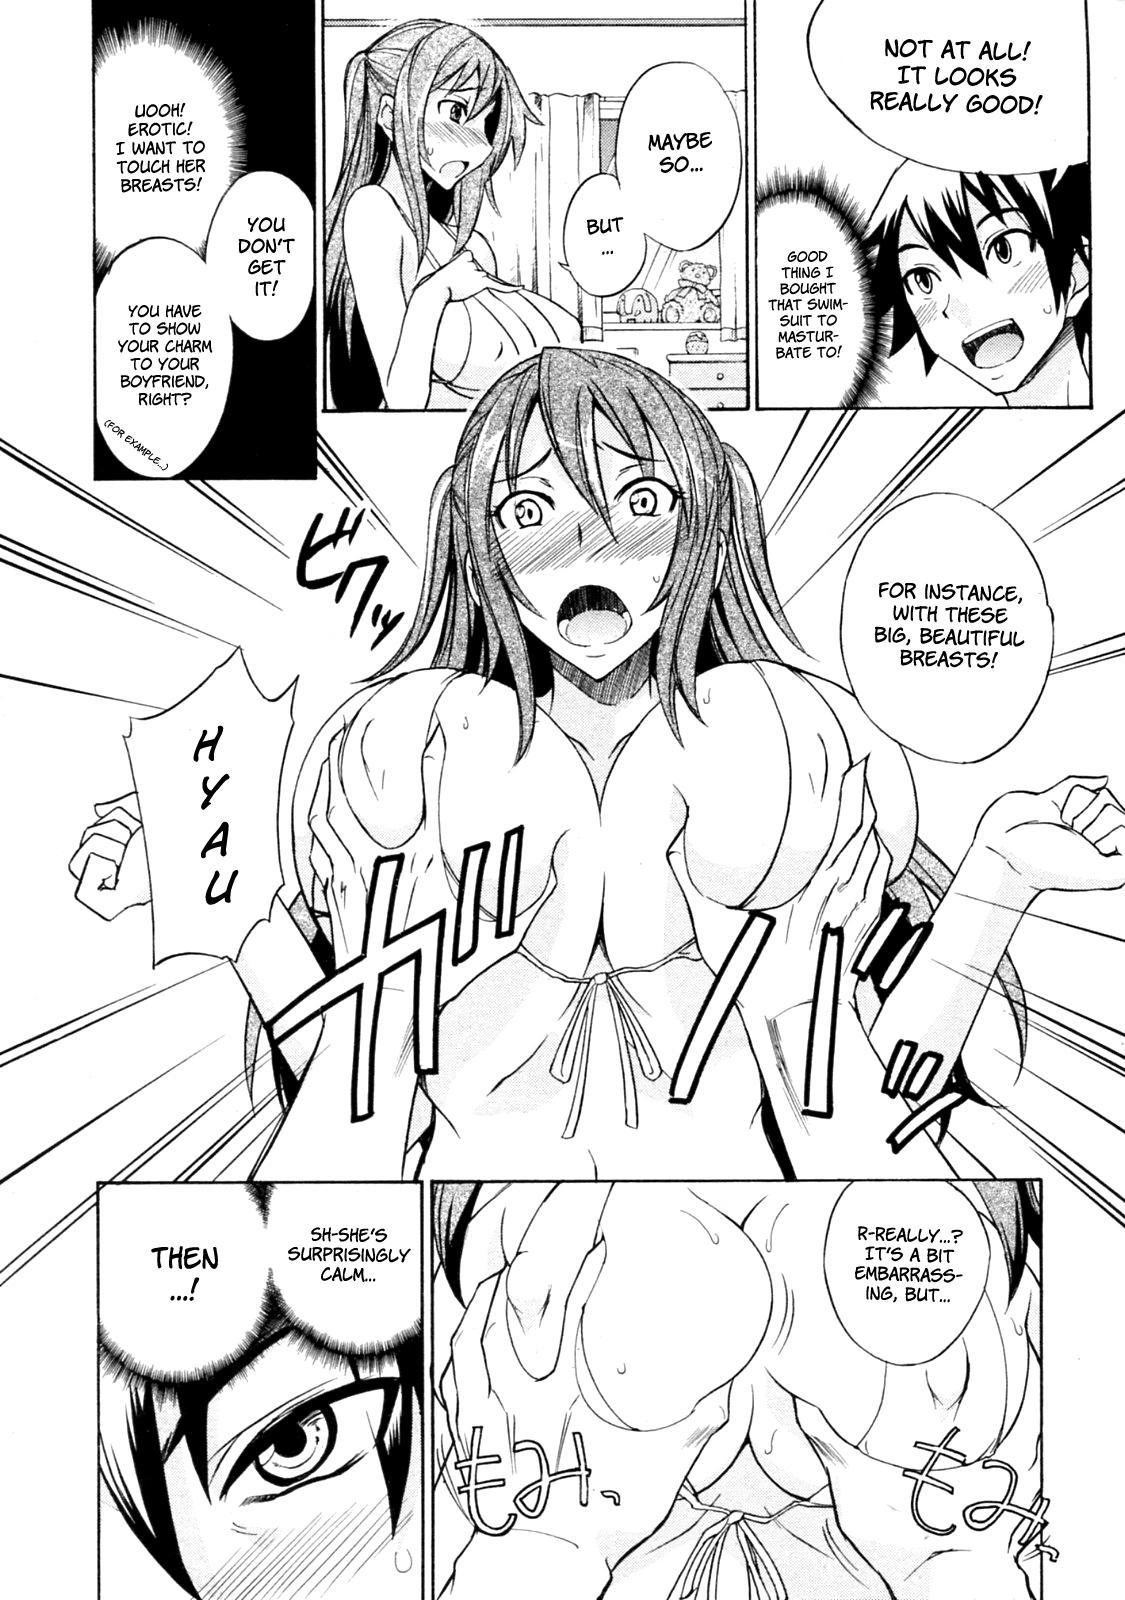 Mizugi to Oneechan! | Swimsuit and Onee-chan! 3